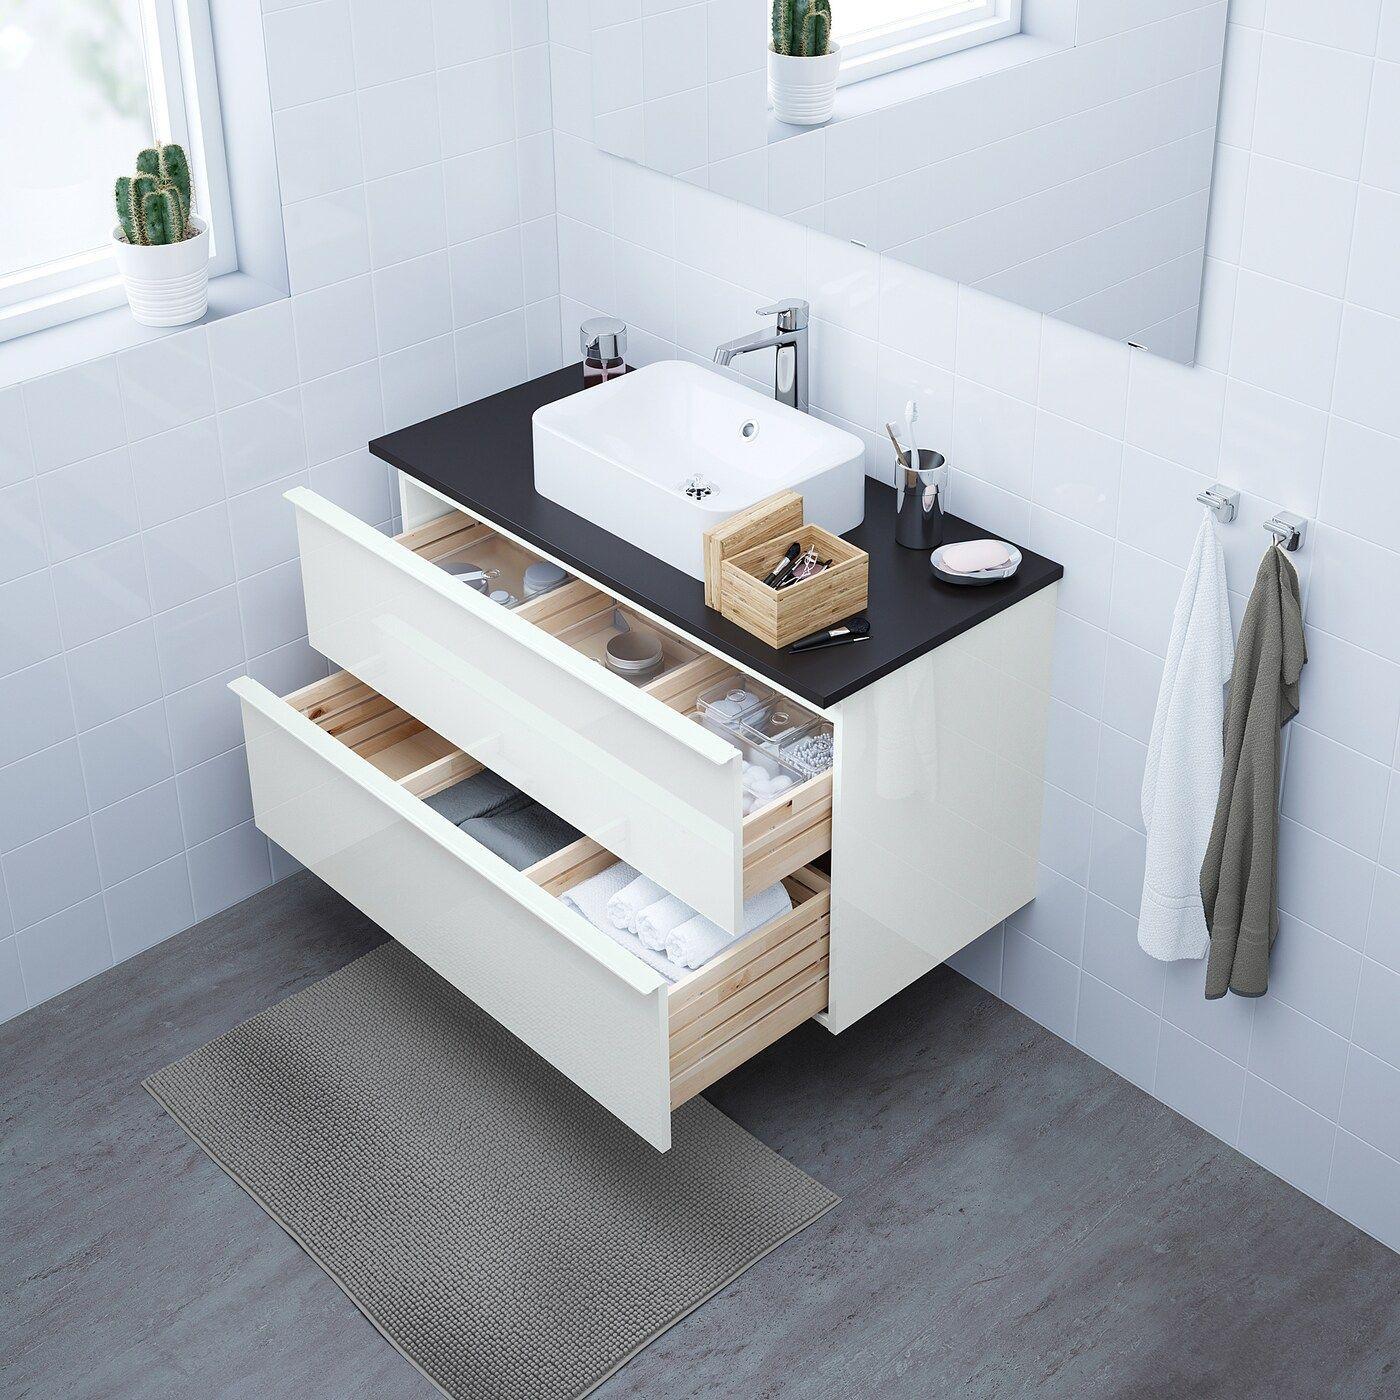 Ikea Godmorgon Tolken Horvik Waschbeckenschr Aufsatzwaschb 45x32 Hochglanz Weiss Anthrazit Brogrund Mischbatter In 2020 Ikea Godmorgon Bambus Badezimmer Waschtisch